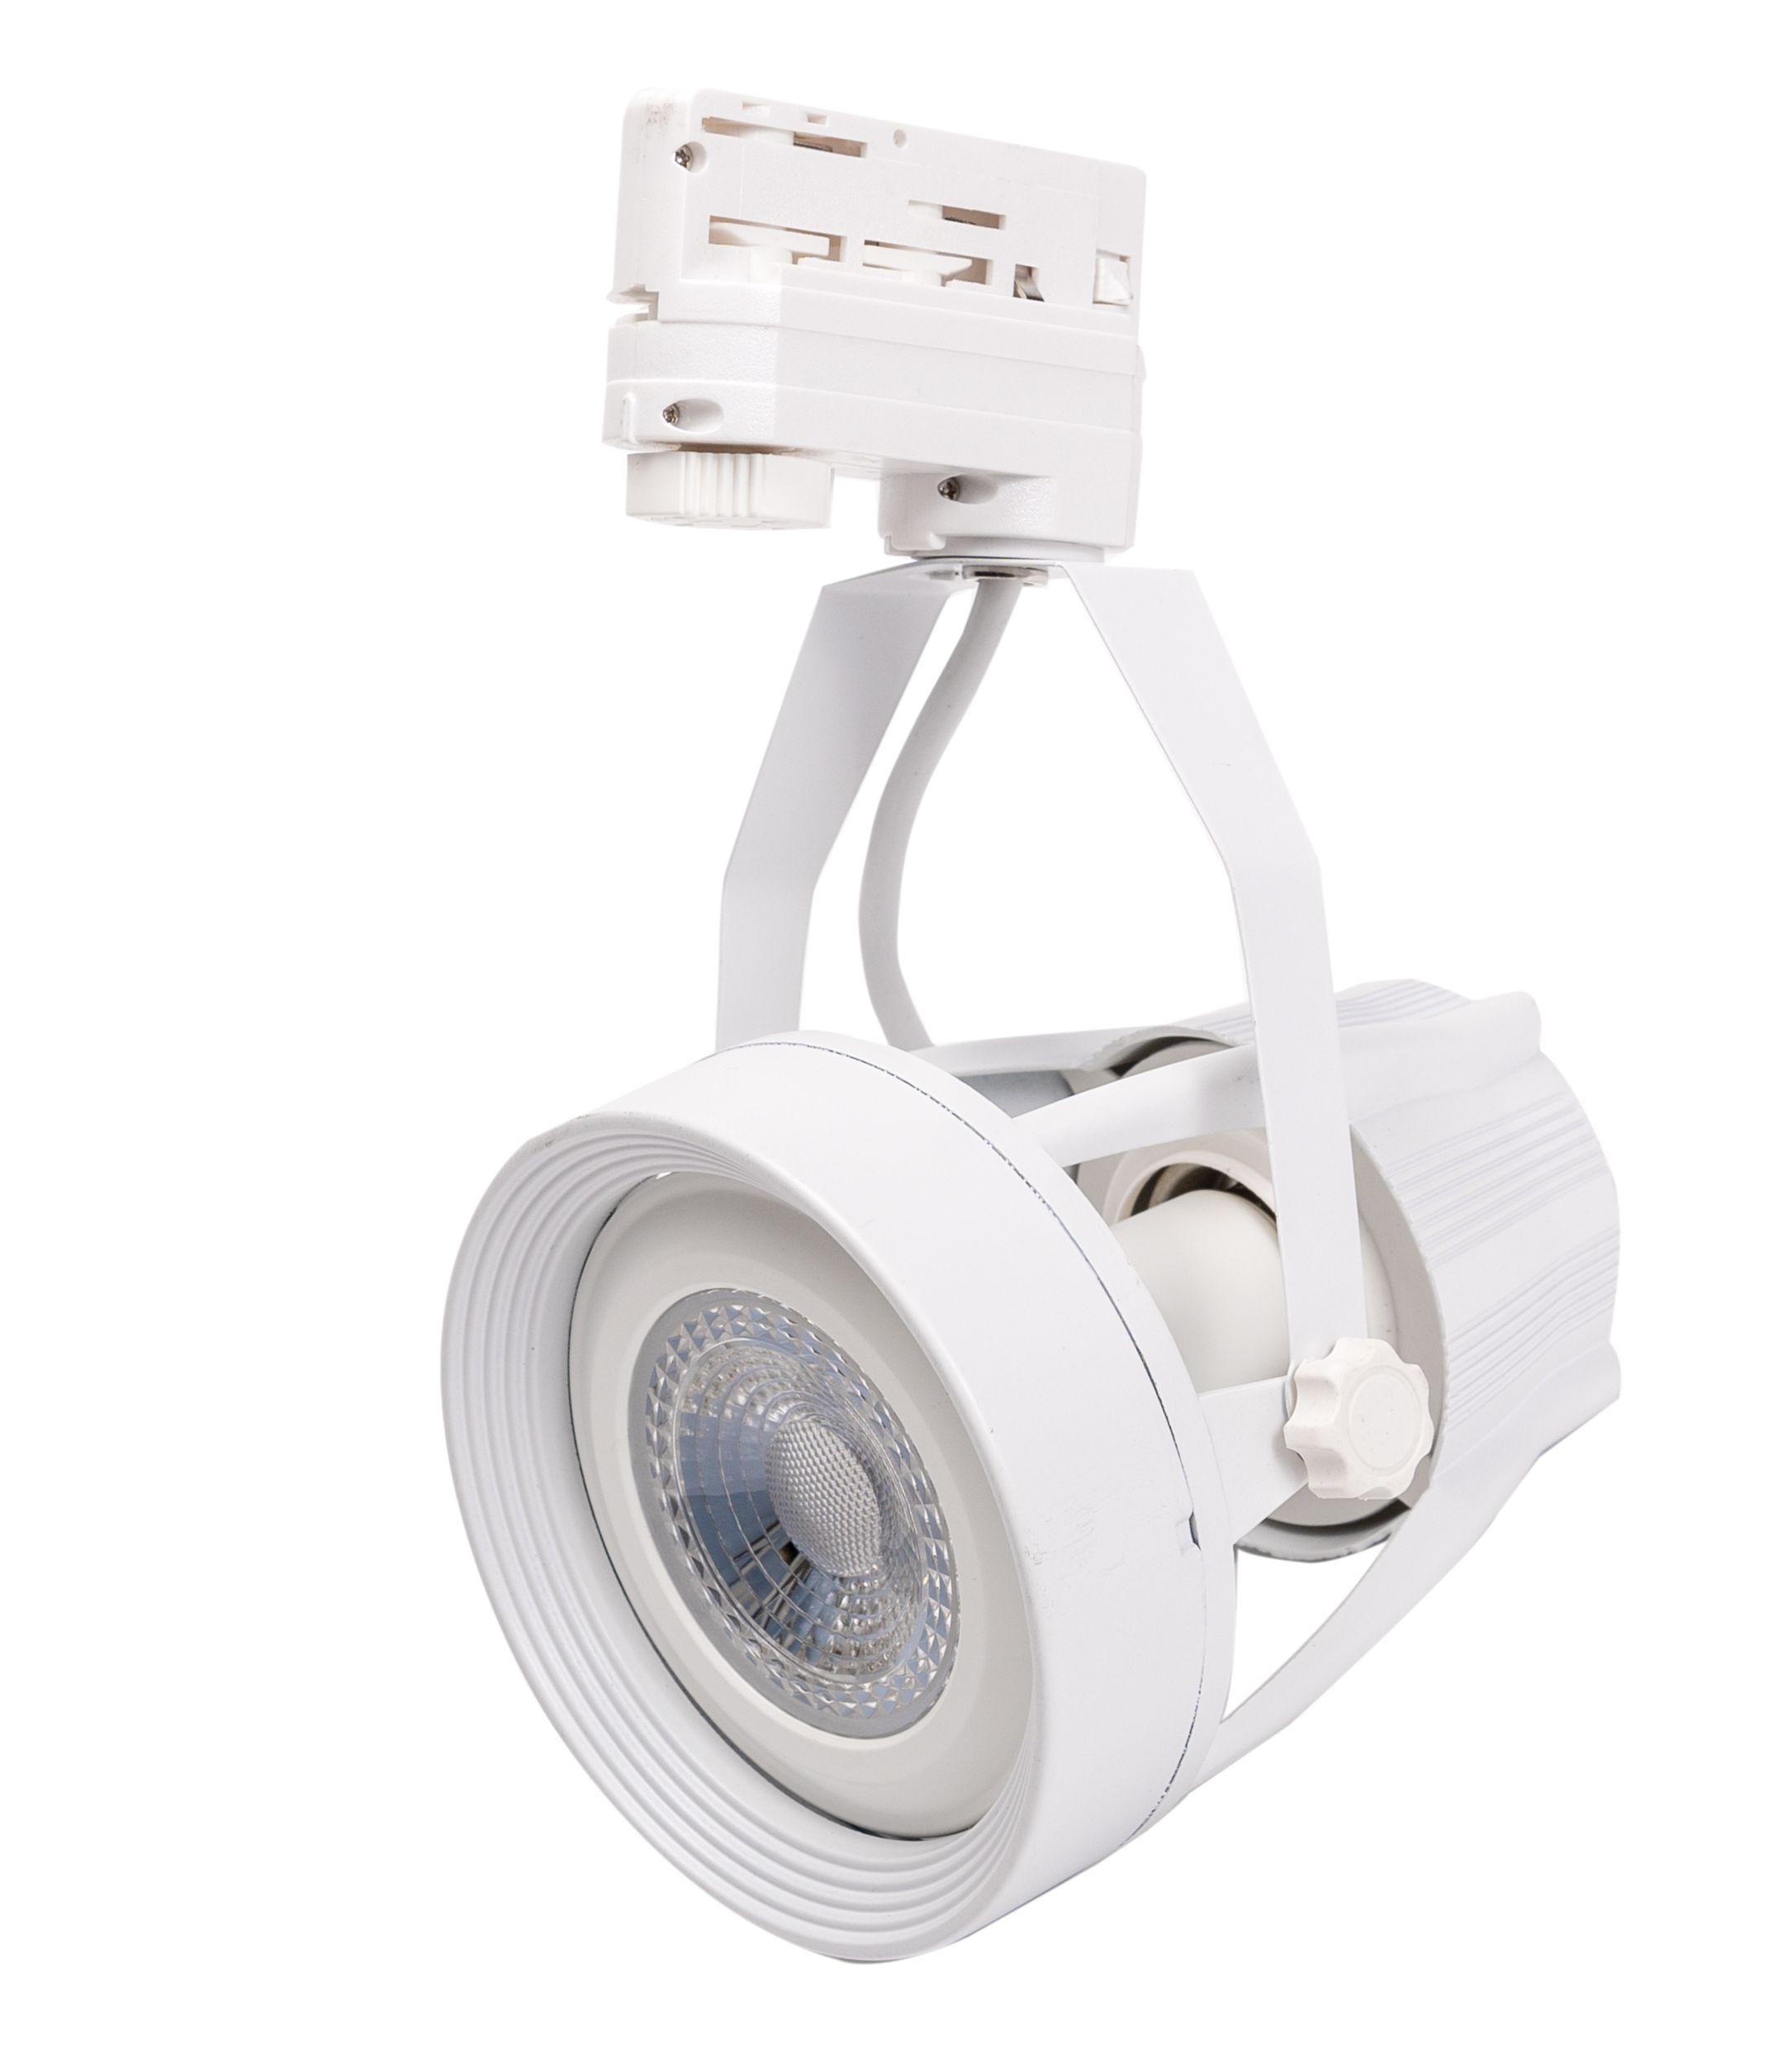 LED Solution Biele lištové svietidlo 3F + LED žiarovka 11W Farba svetla: Teplá biela 105602_153